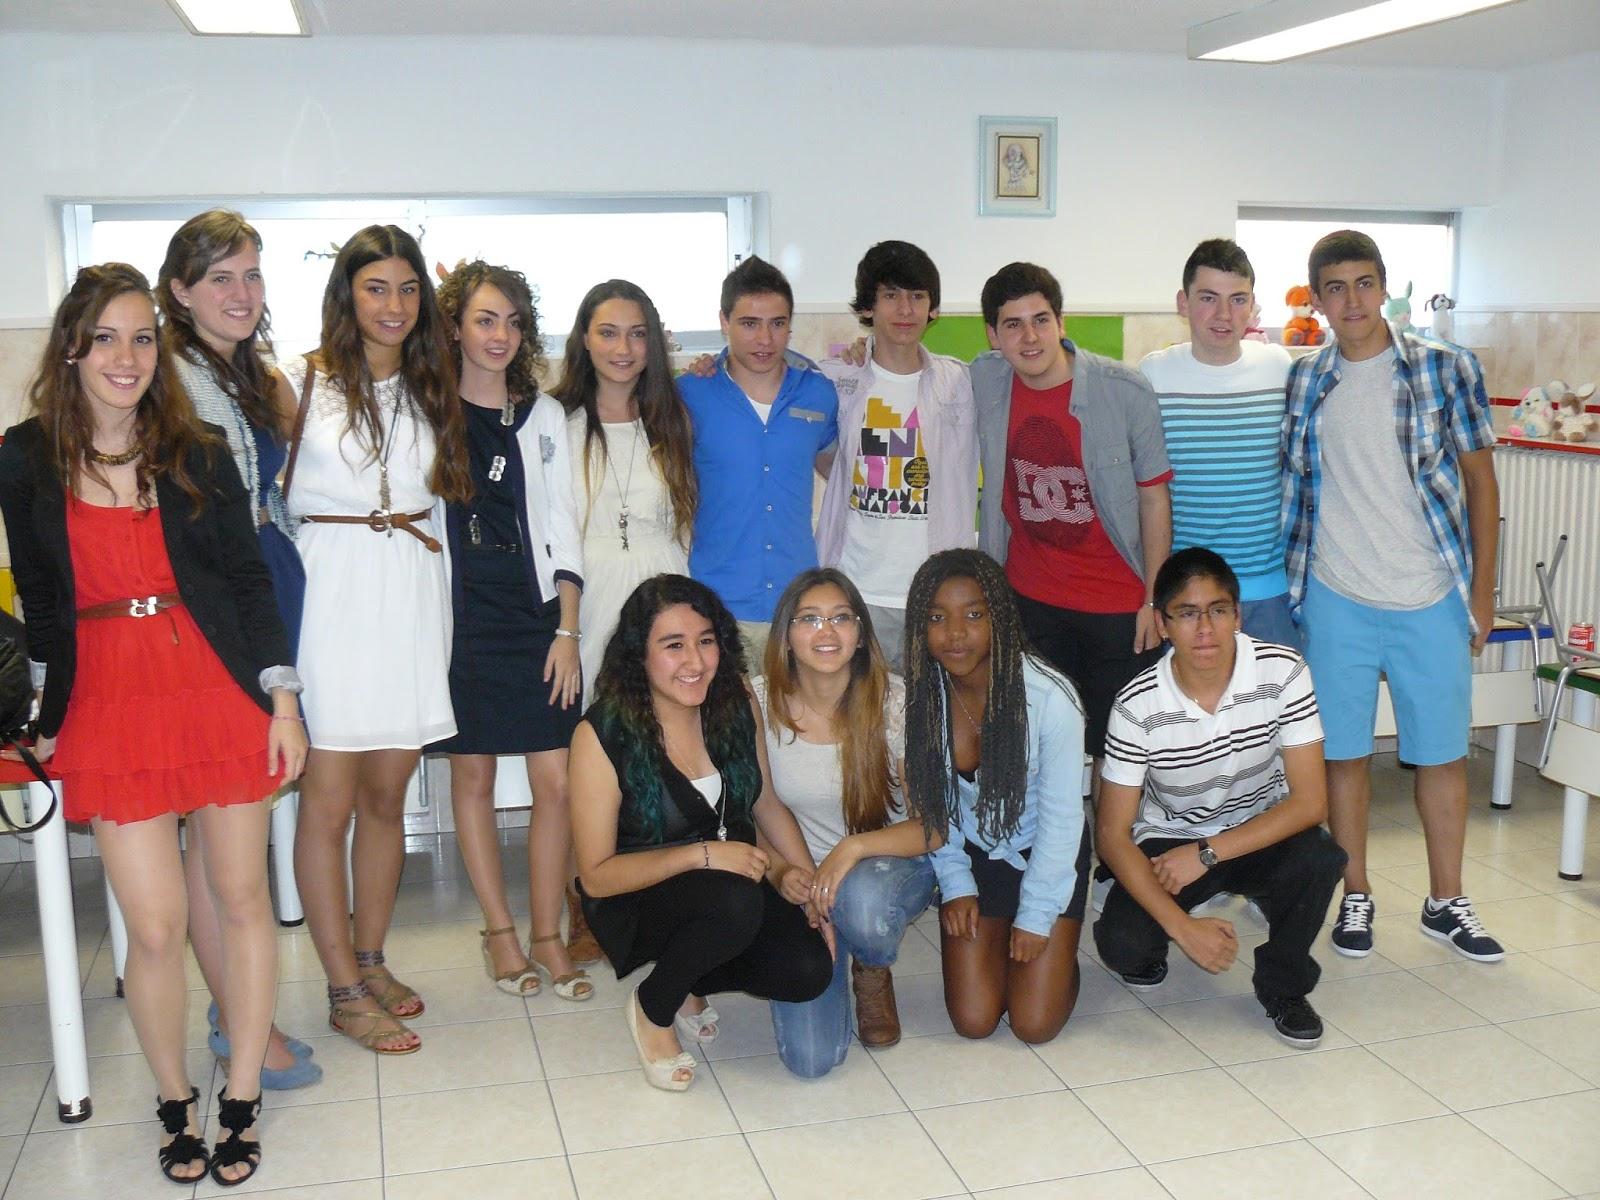 Colegio amor de dios burlada junio 2013 - Colegio amor de dios oviedo ...